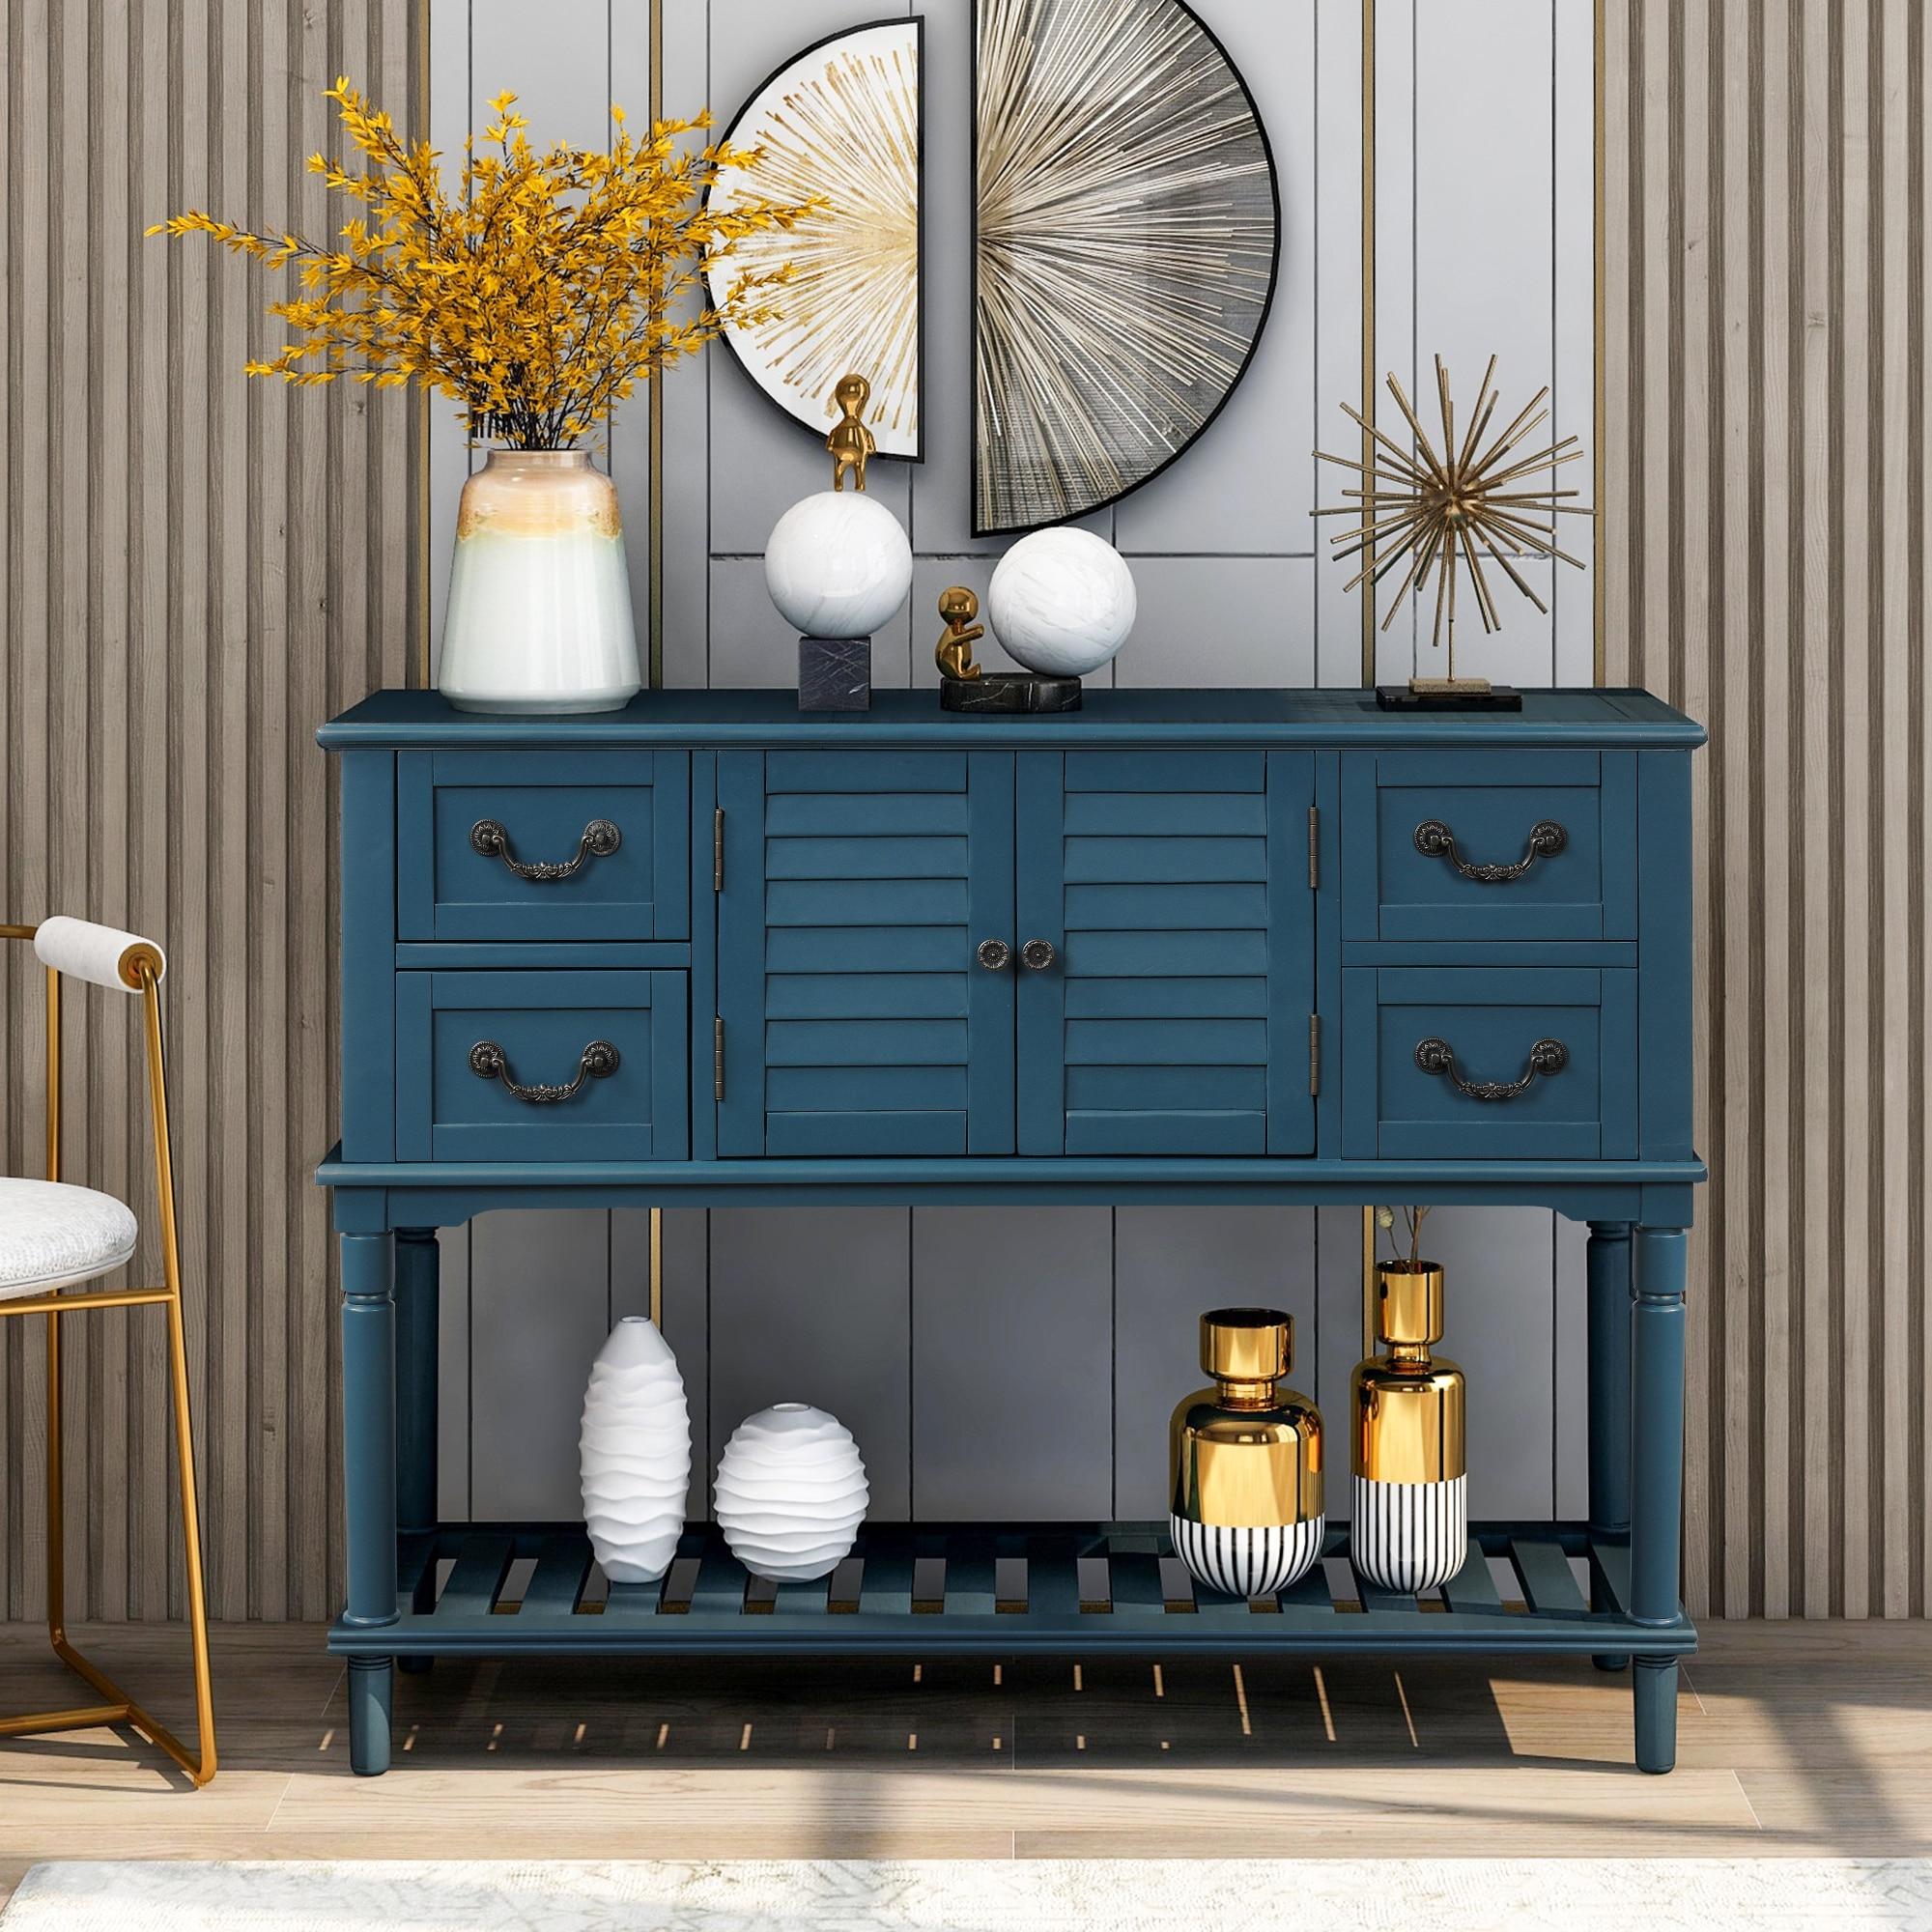 Mueble de Cocina, mesa de consola, bufete aparador, muebles de cocina para...